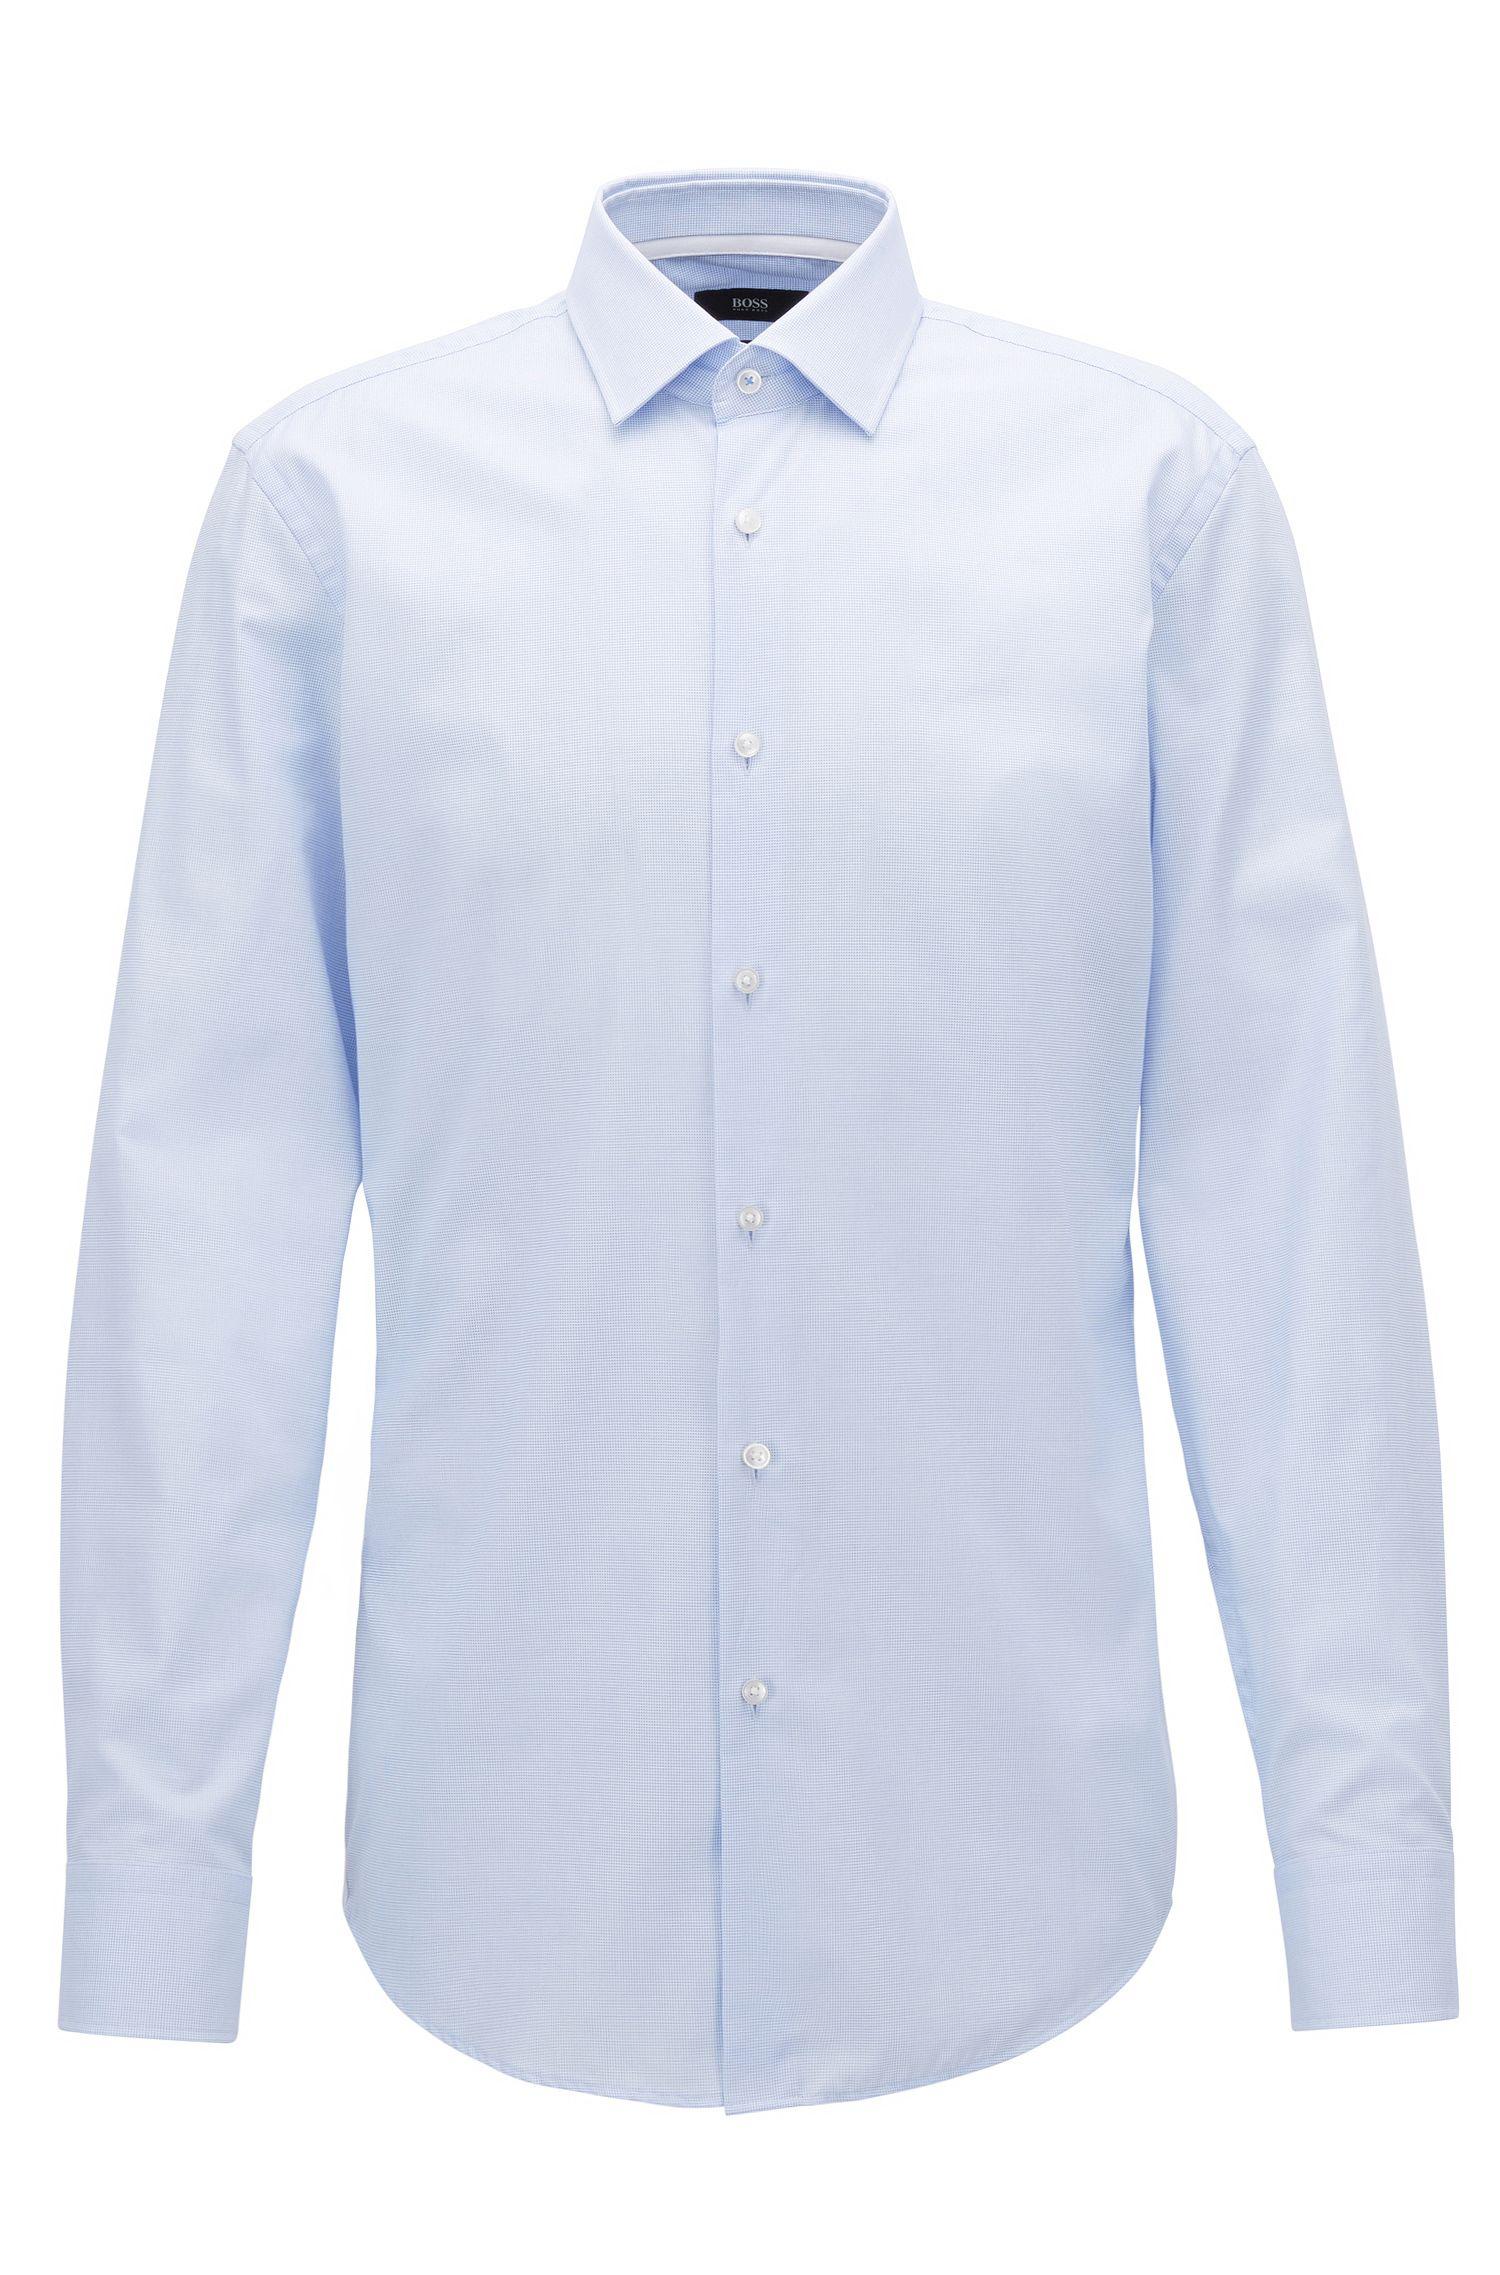 Pindot Oxford Dress Shirt, Slim Fit | Jesse